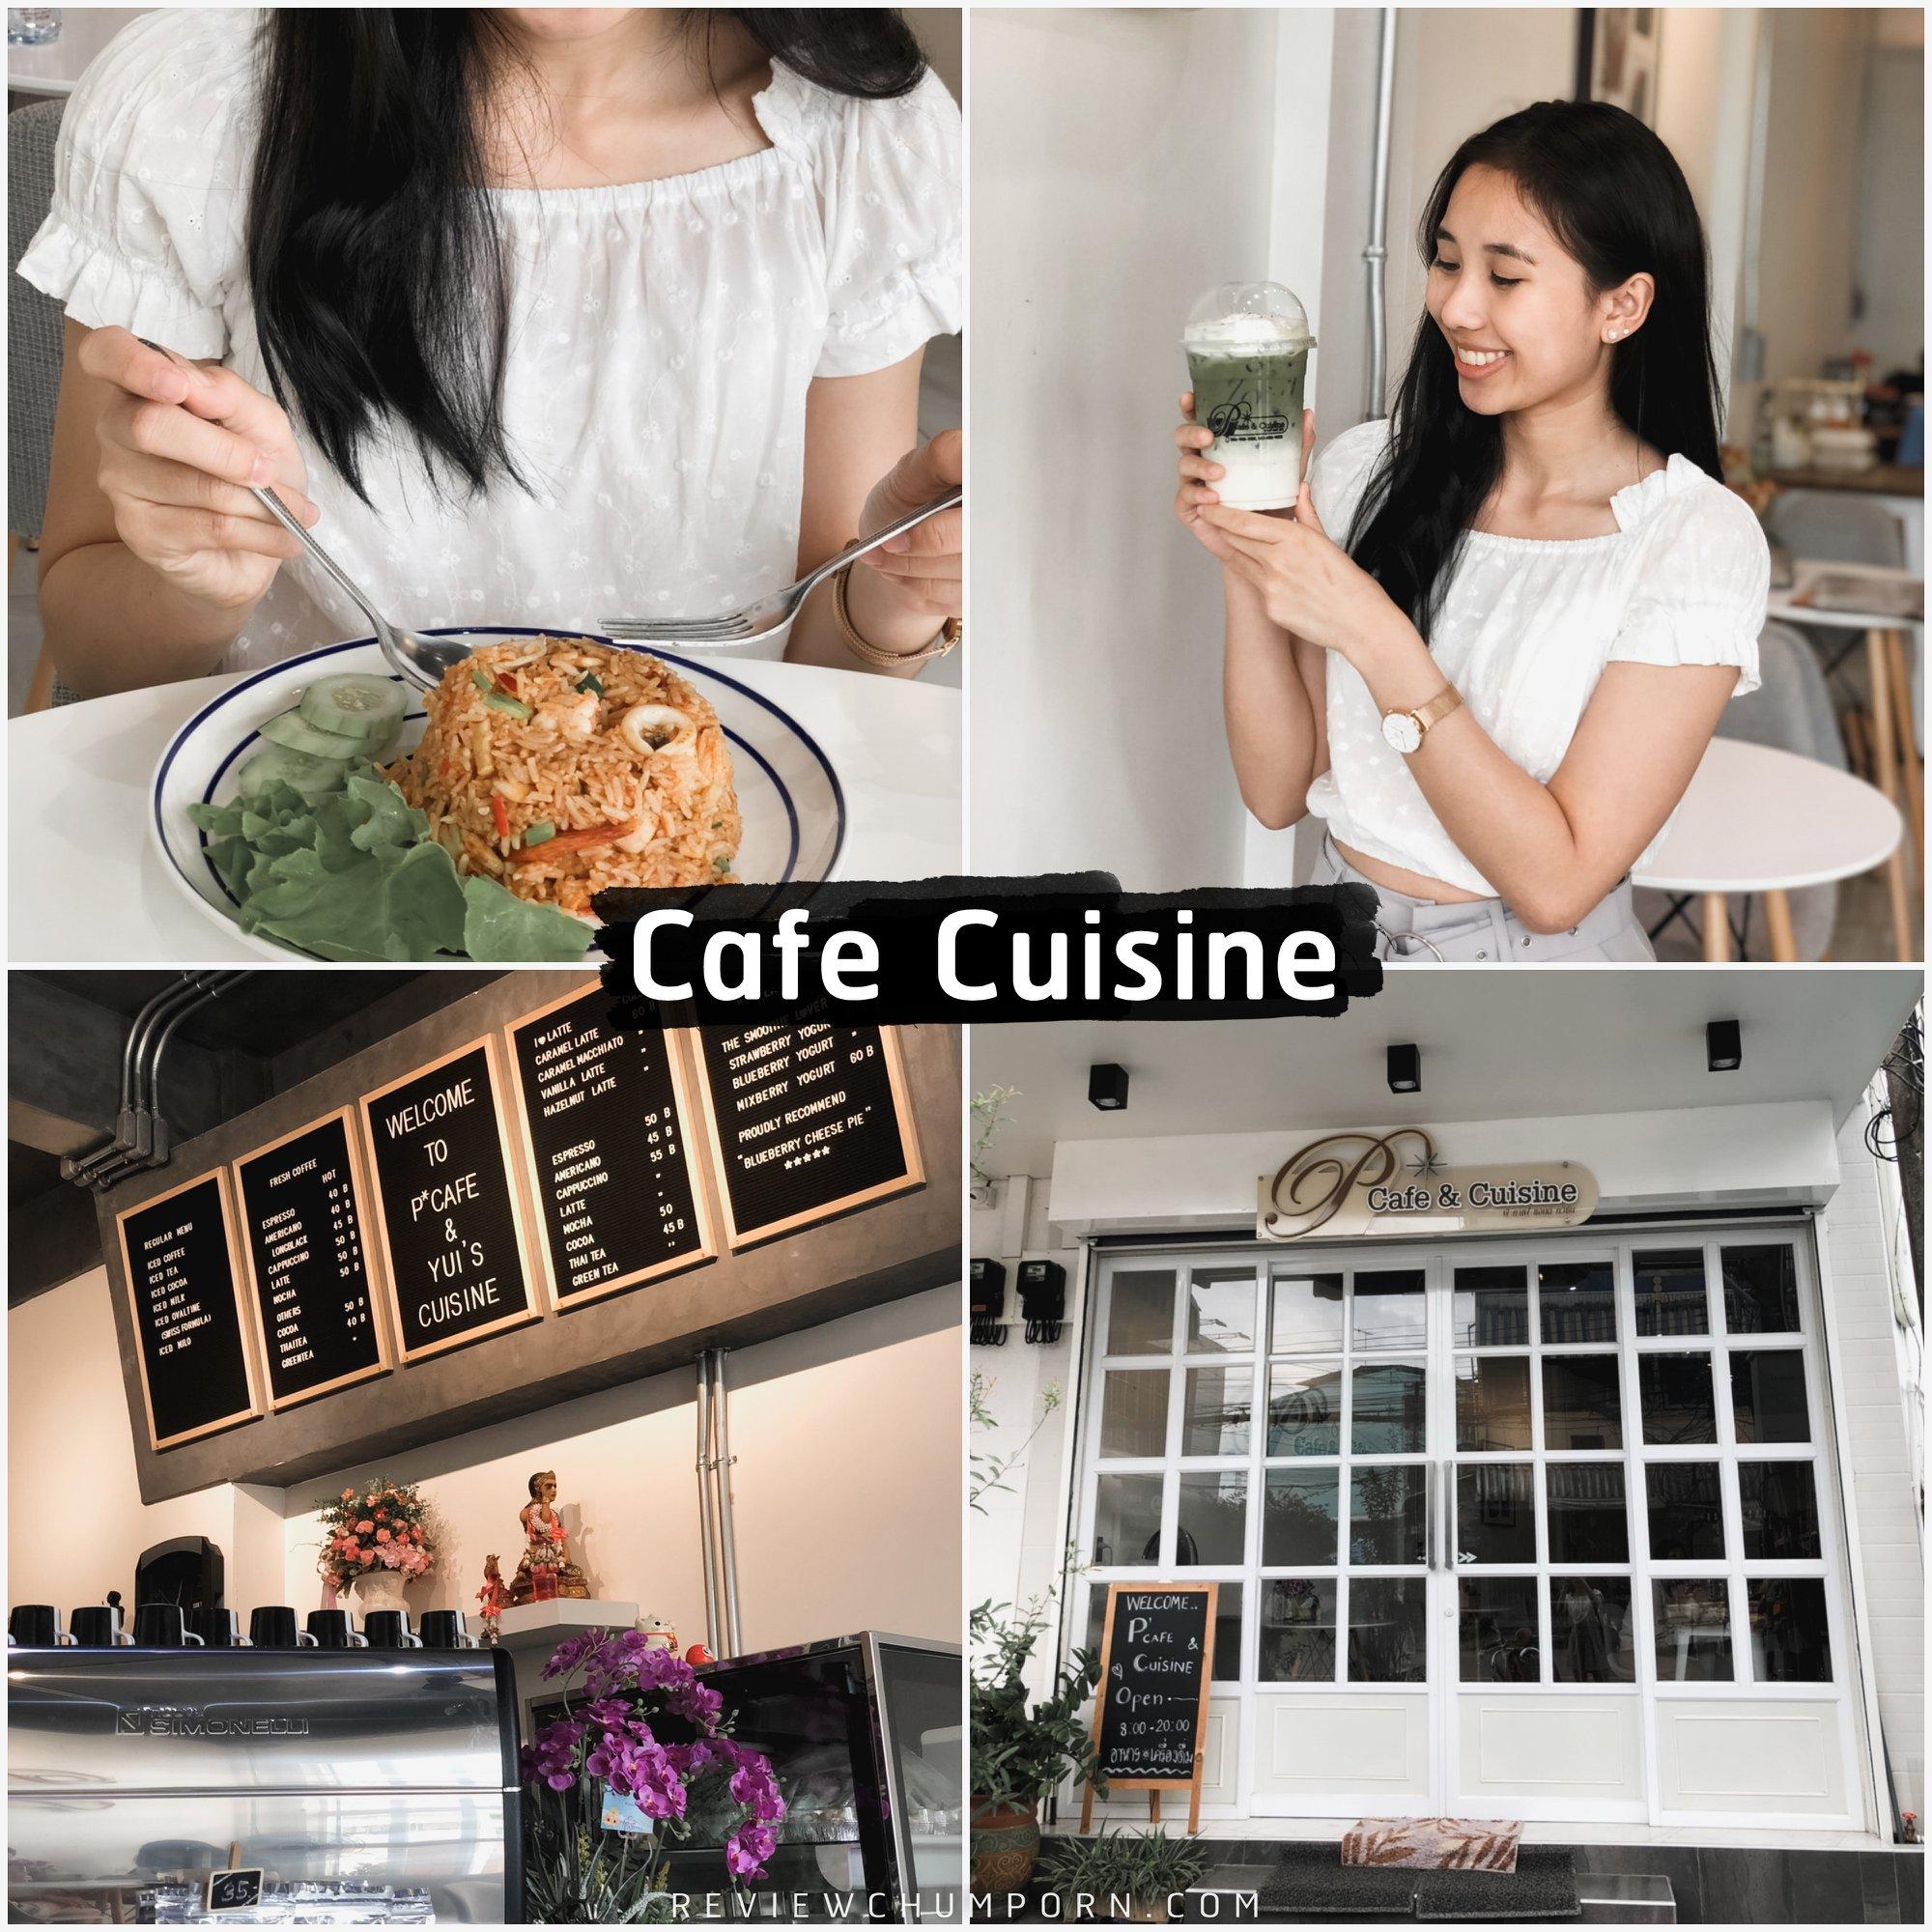 ร้านลับแต่ไม่ลับของชุมพร-Cafe---cuisine-กับสายชิลลลล์-กาแฟอร่อย-บรรยากาศร้านดี คลิกที่นี่ ชุมพร,จุดเช็คอิน,สถานที่ท่องเที่ยว,ของกิน,ร้านอาหาร,คาเฟ่